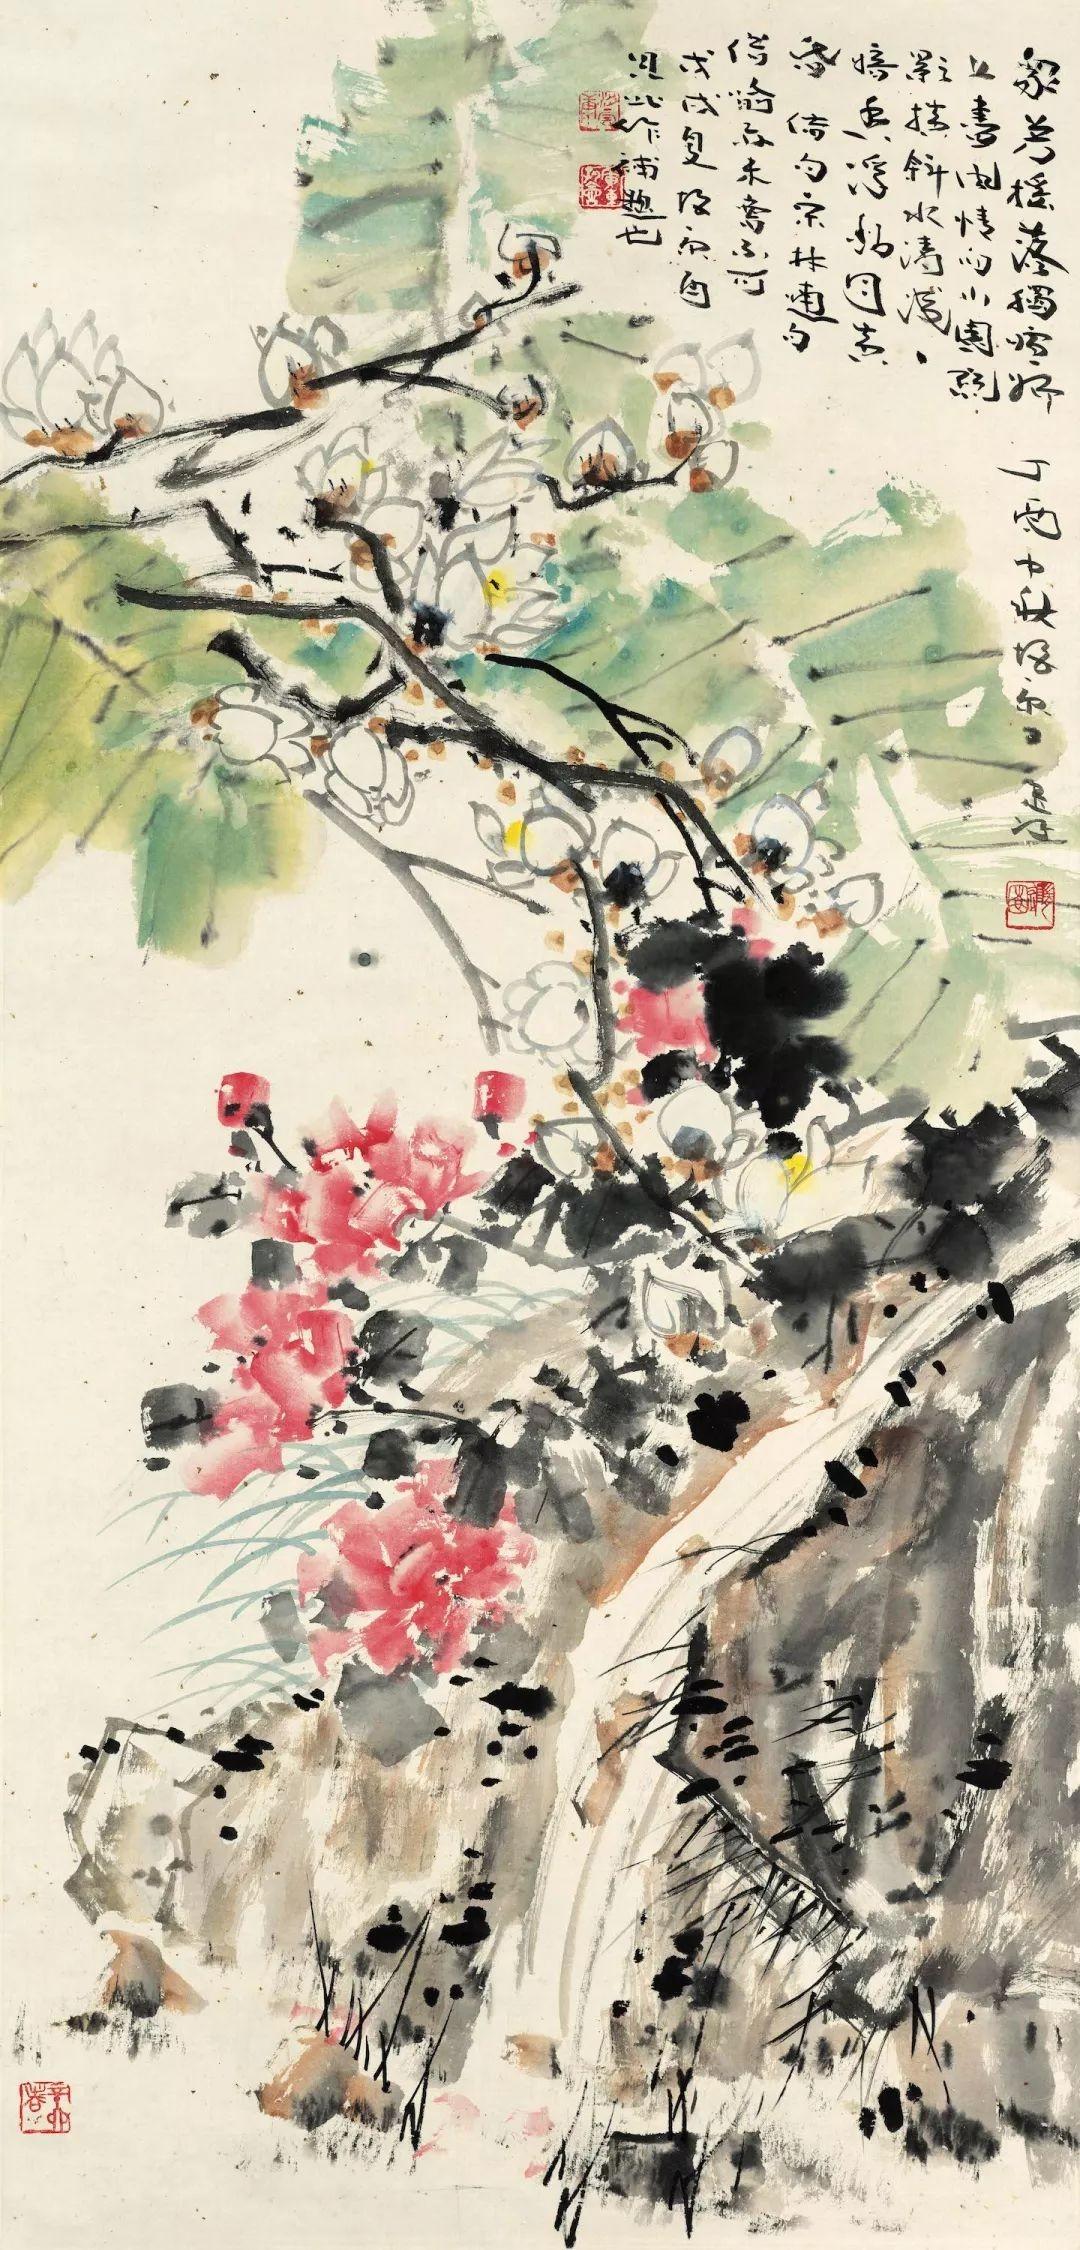 来自22个国家的艺术精品荟萃,2018·第三届中国钱江国际美术展在杭州图书馆开幕